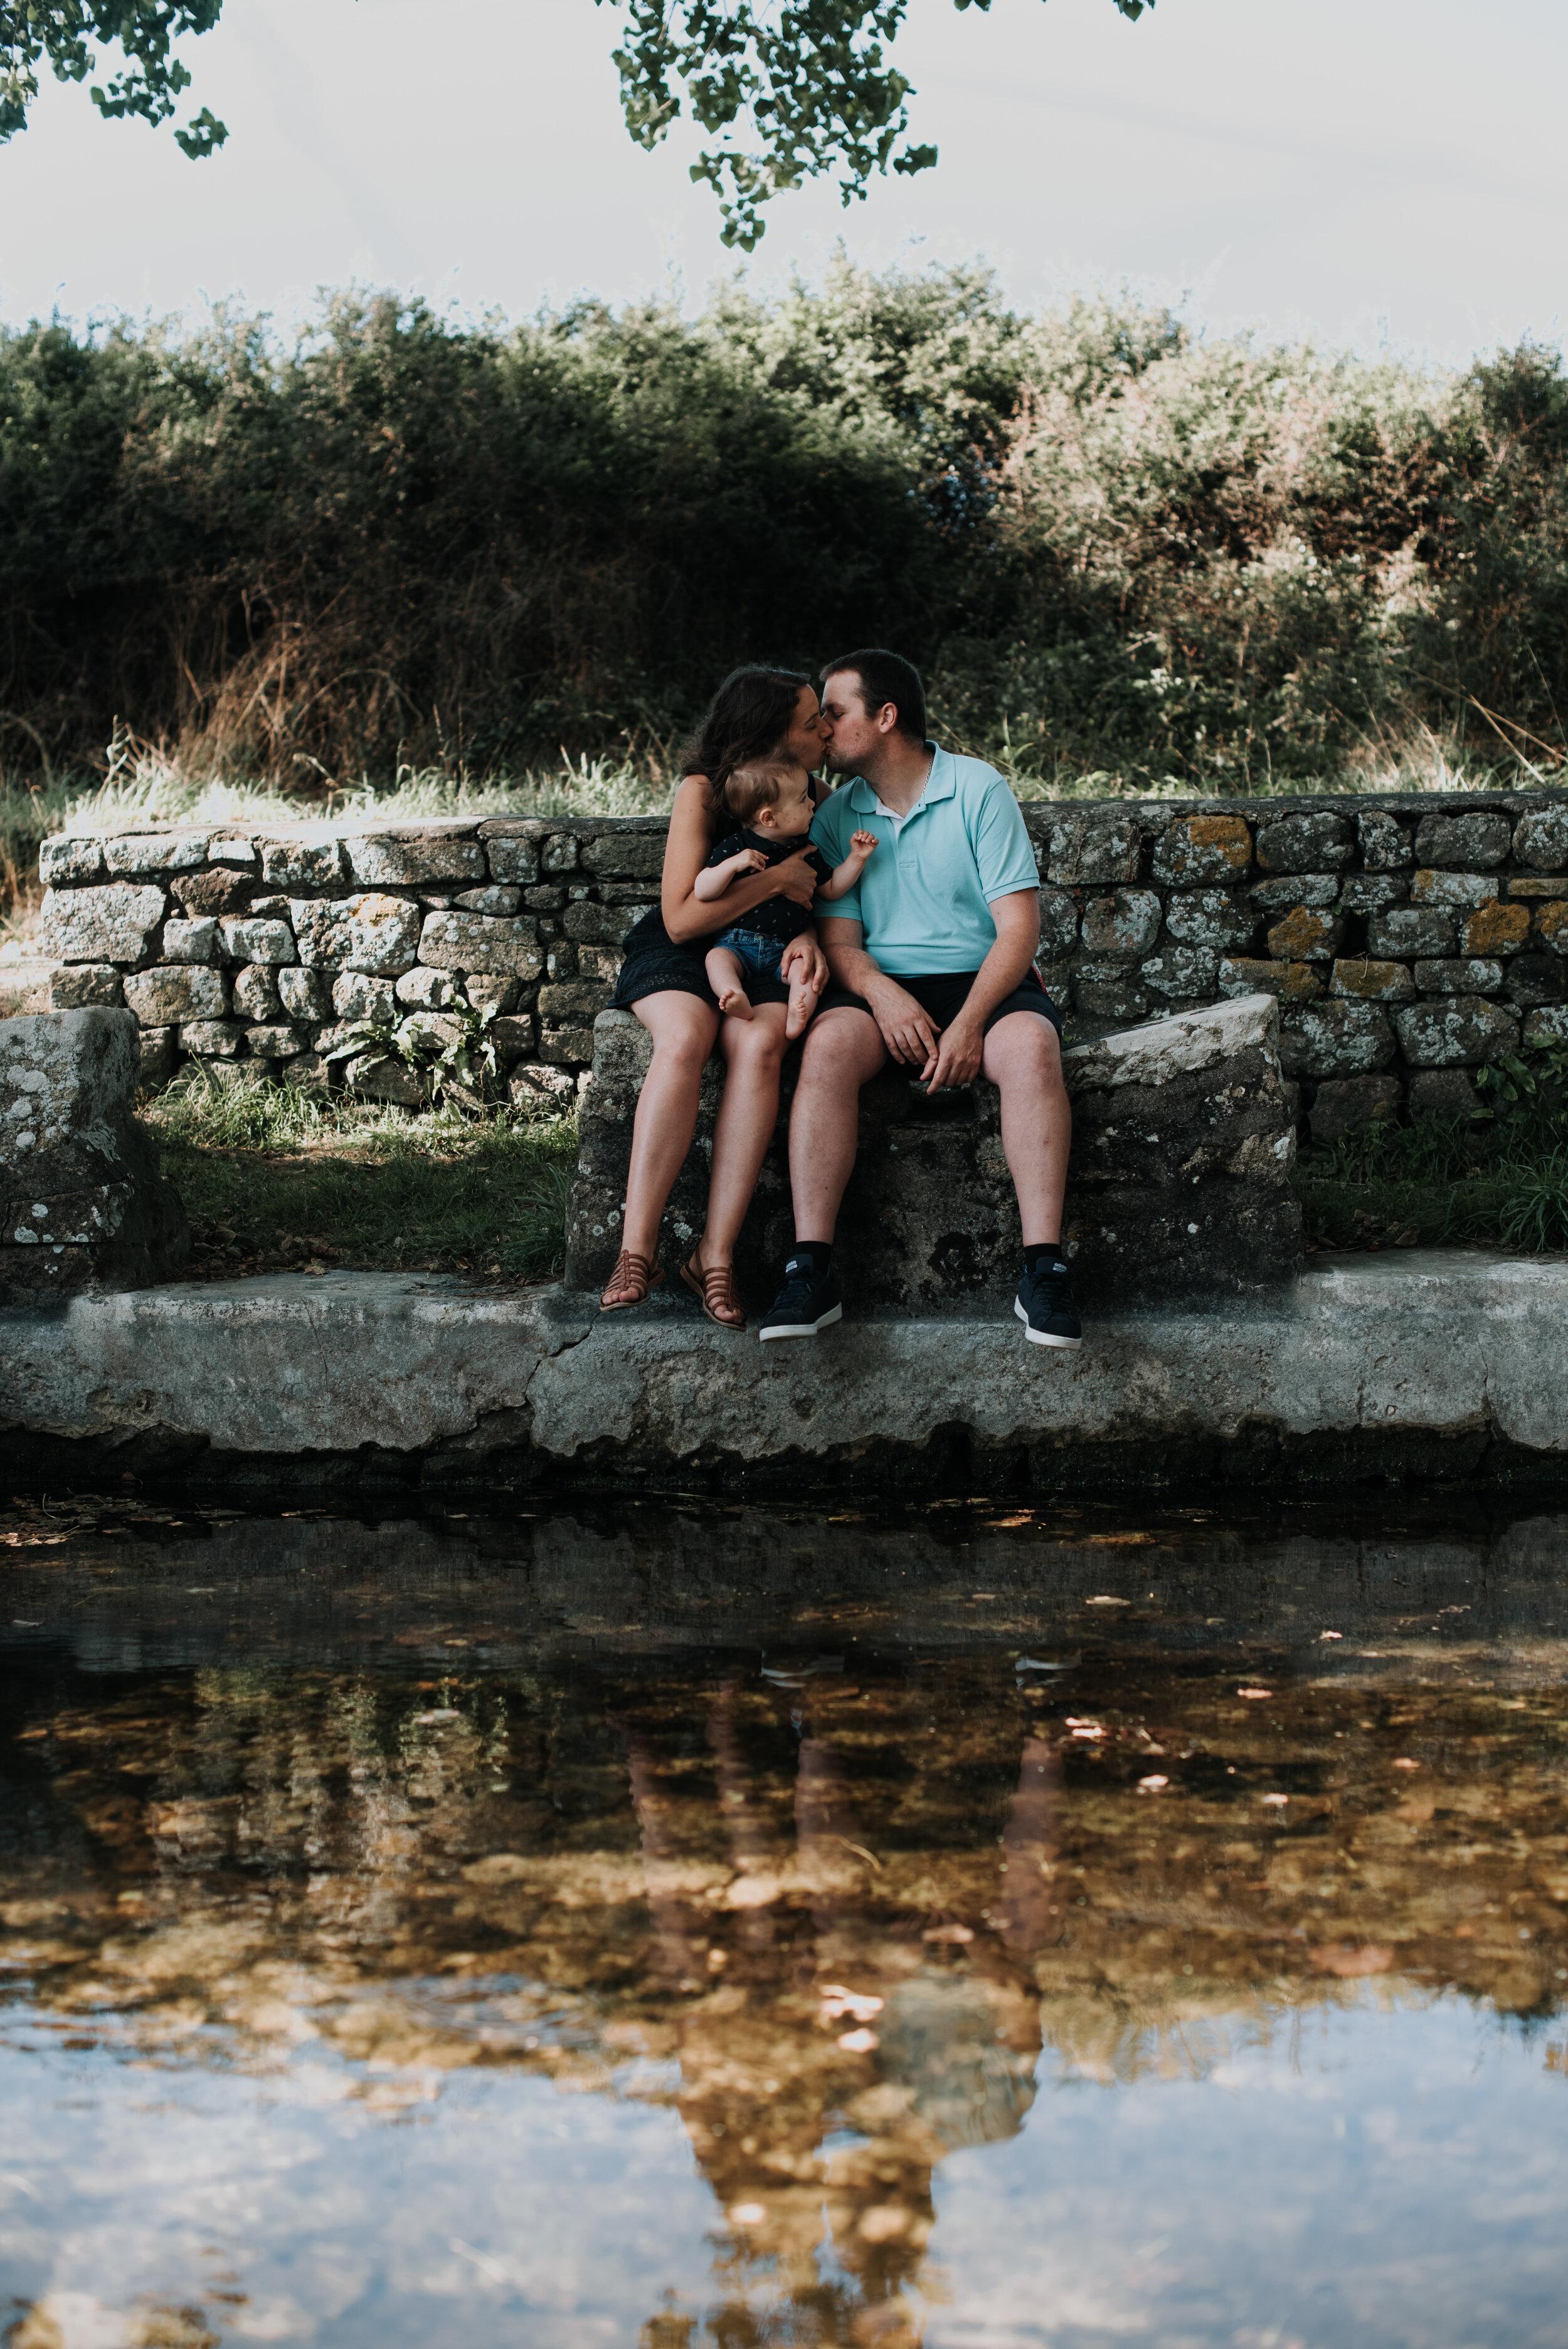 Léa-Fery-photographe-professionnel-Bretagne-portrait-creation-mariage-evenement-evenementiel-famille-5607.jpg